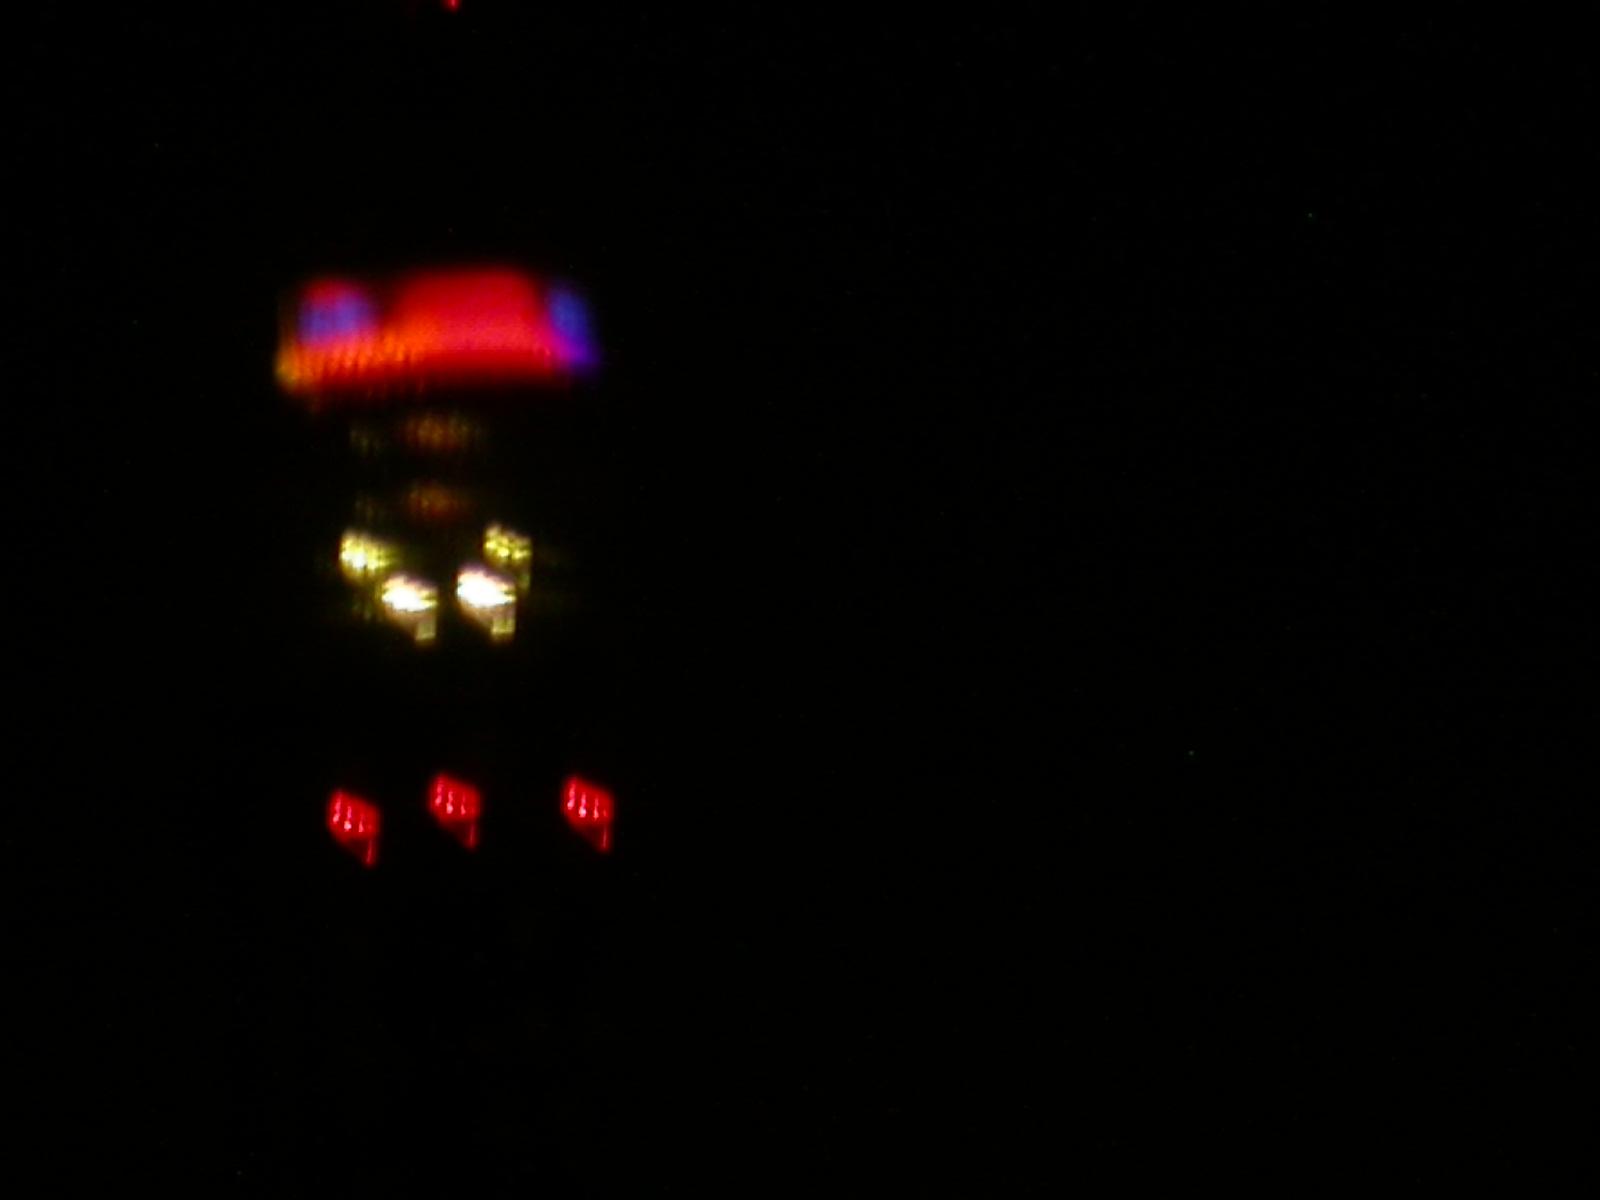 eva lights neon dark night illumination colors colours